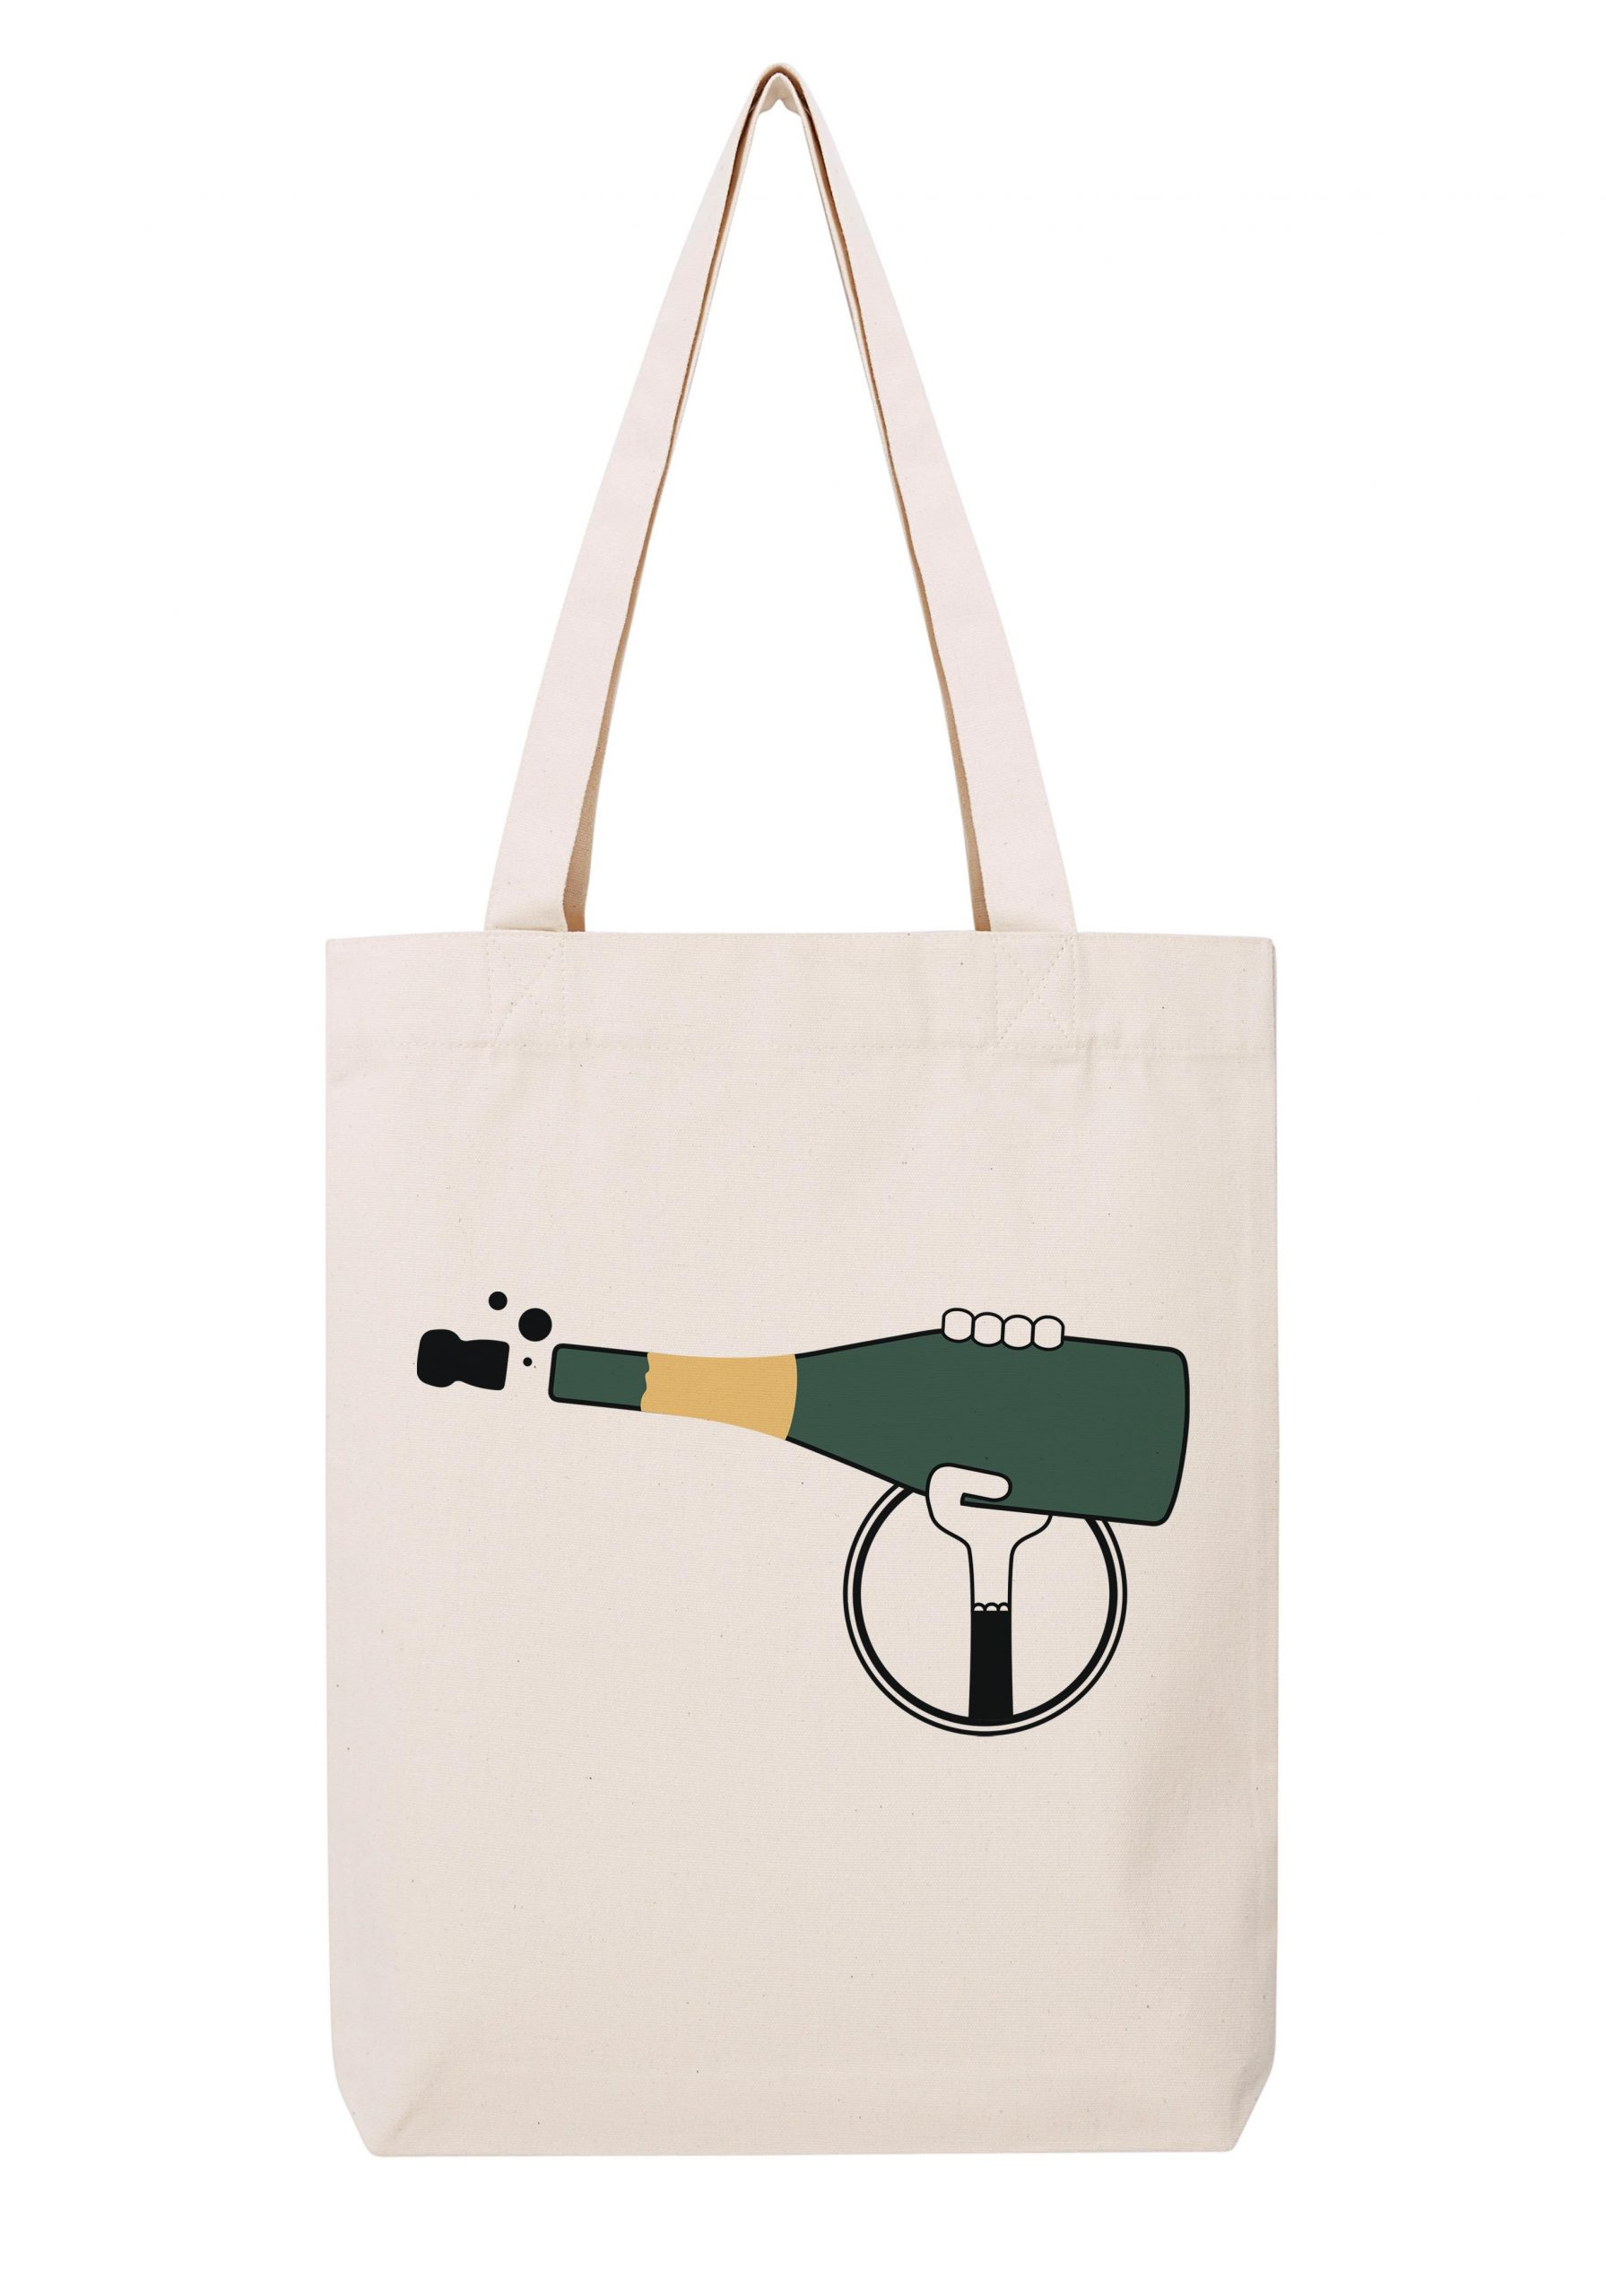 champagne femme sac coton tote bag bio bocavi du vin dans ta penderie bouteilles viticole vigneron wine